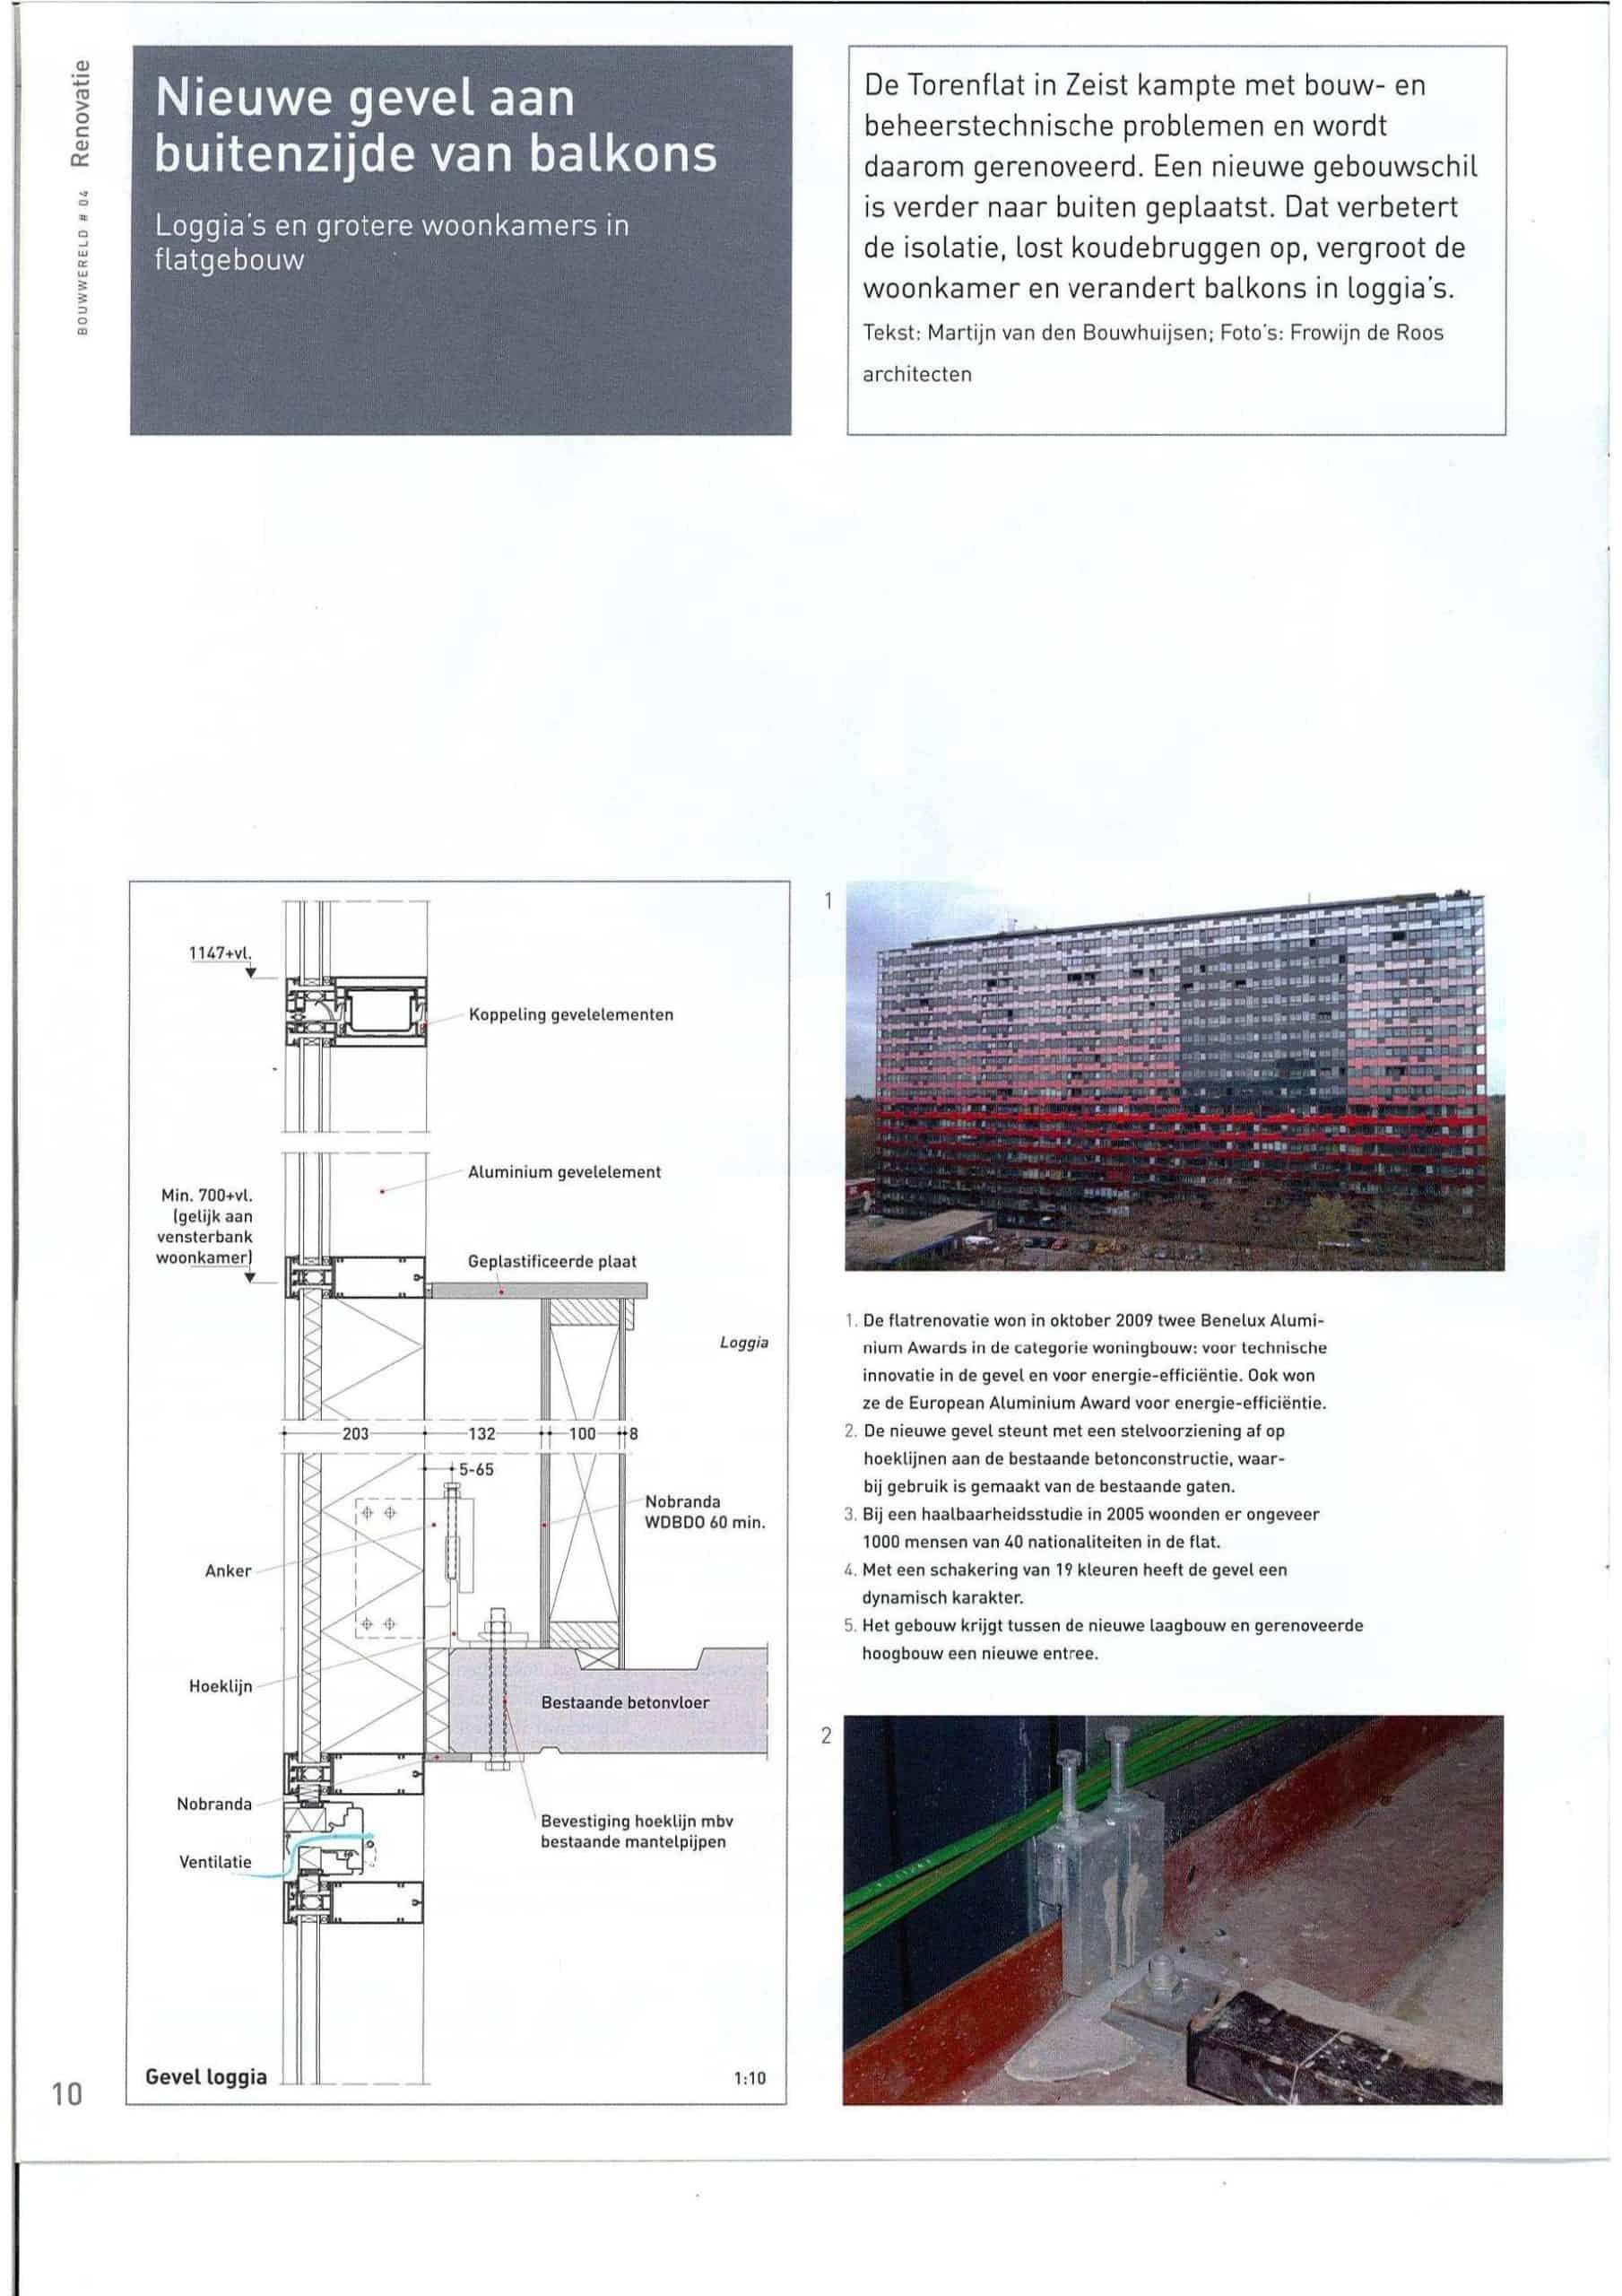 Bouwwereld-04-april2010_Nieuwe-gevel-aan-buitenzijde-balkons_1-1-scaled